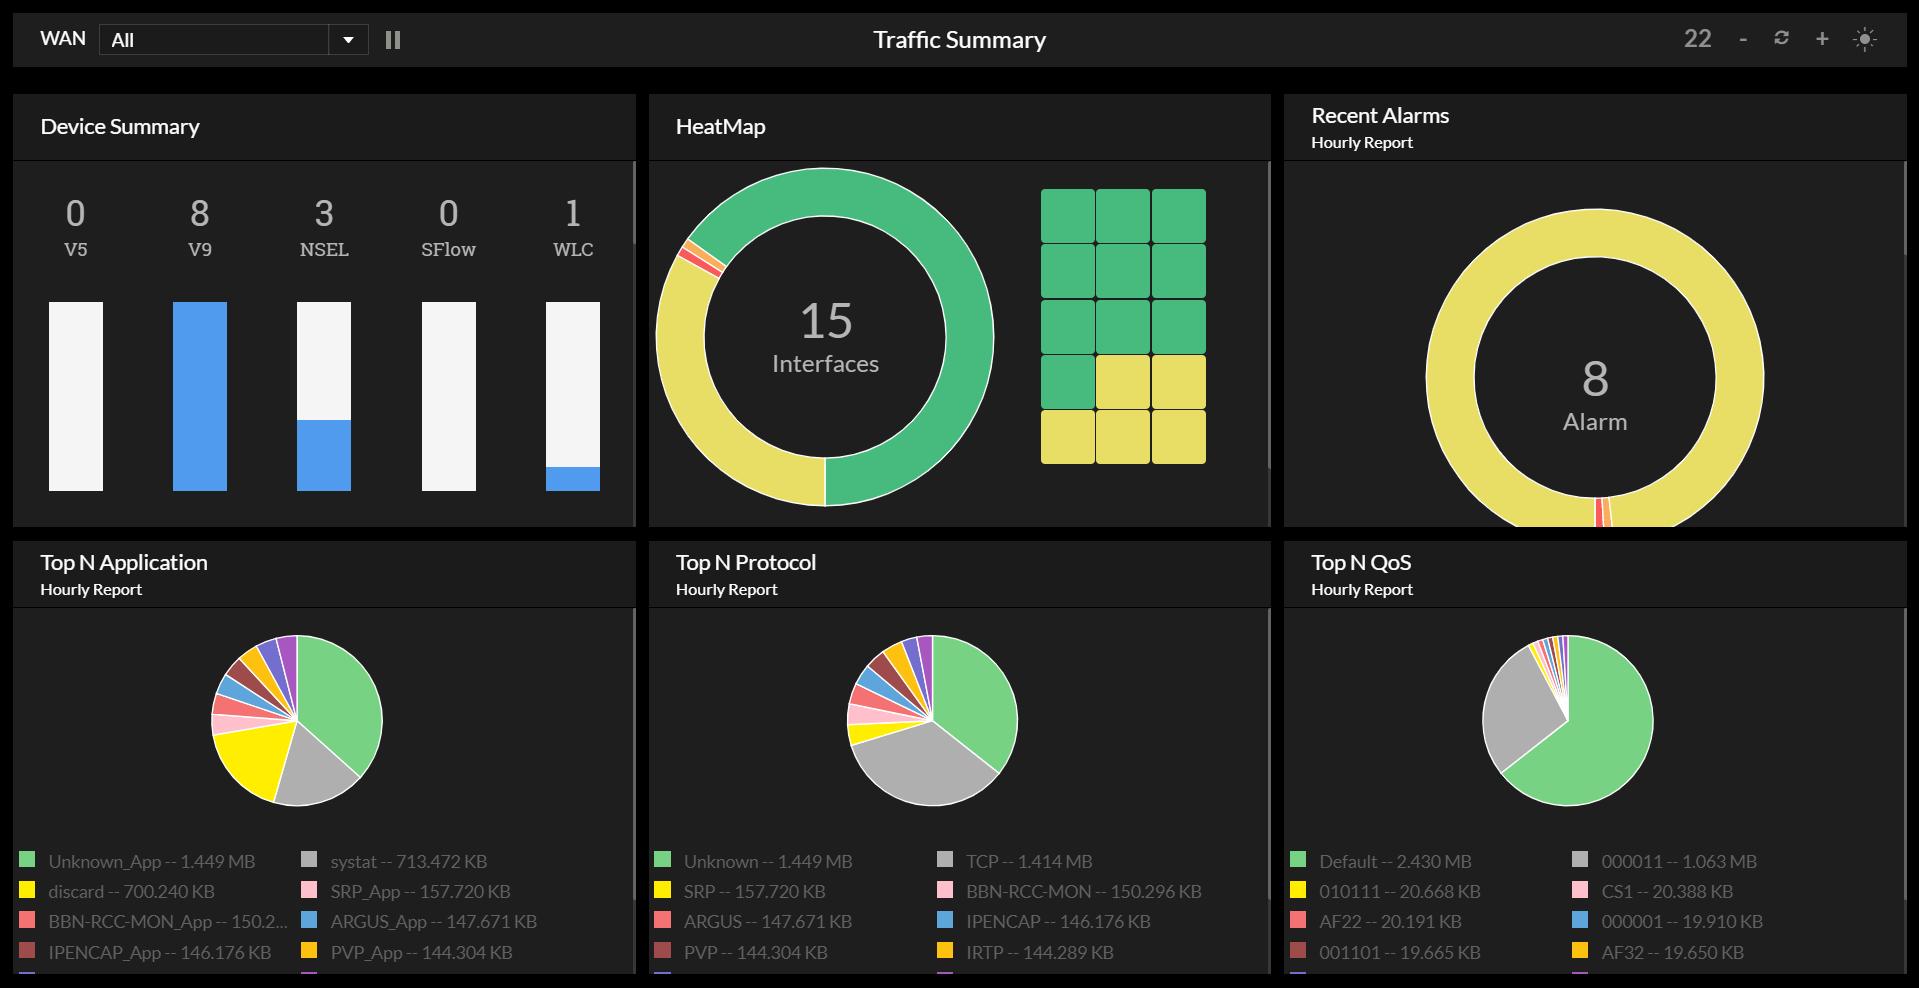 Bandwidth Control - ManageEngine NetFlow Analyzer